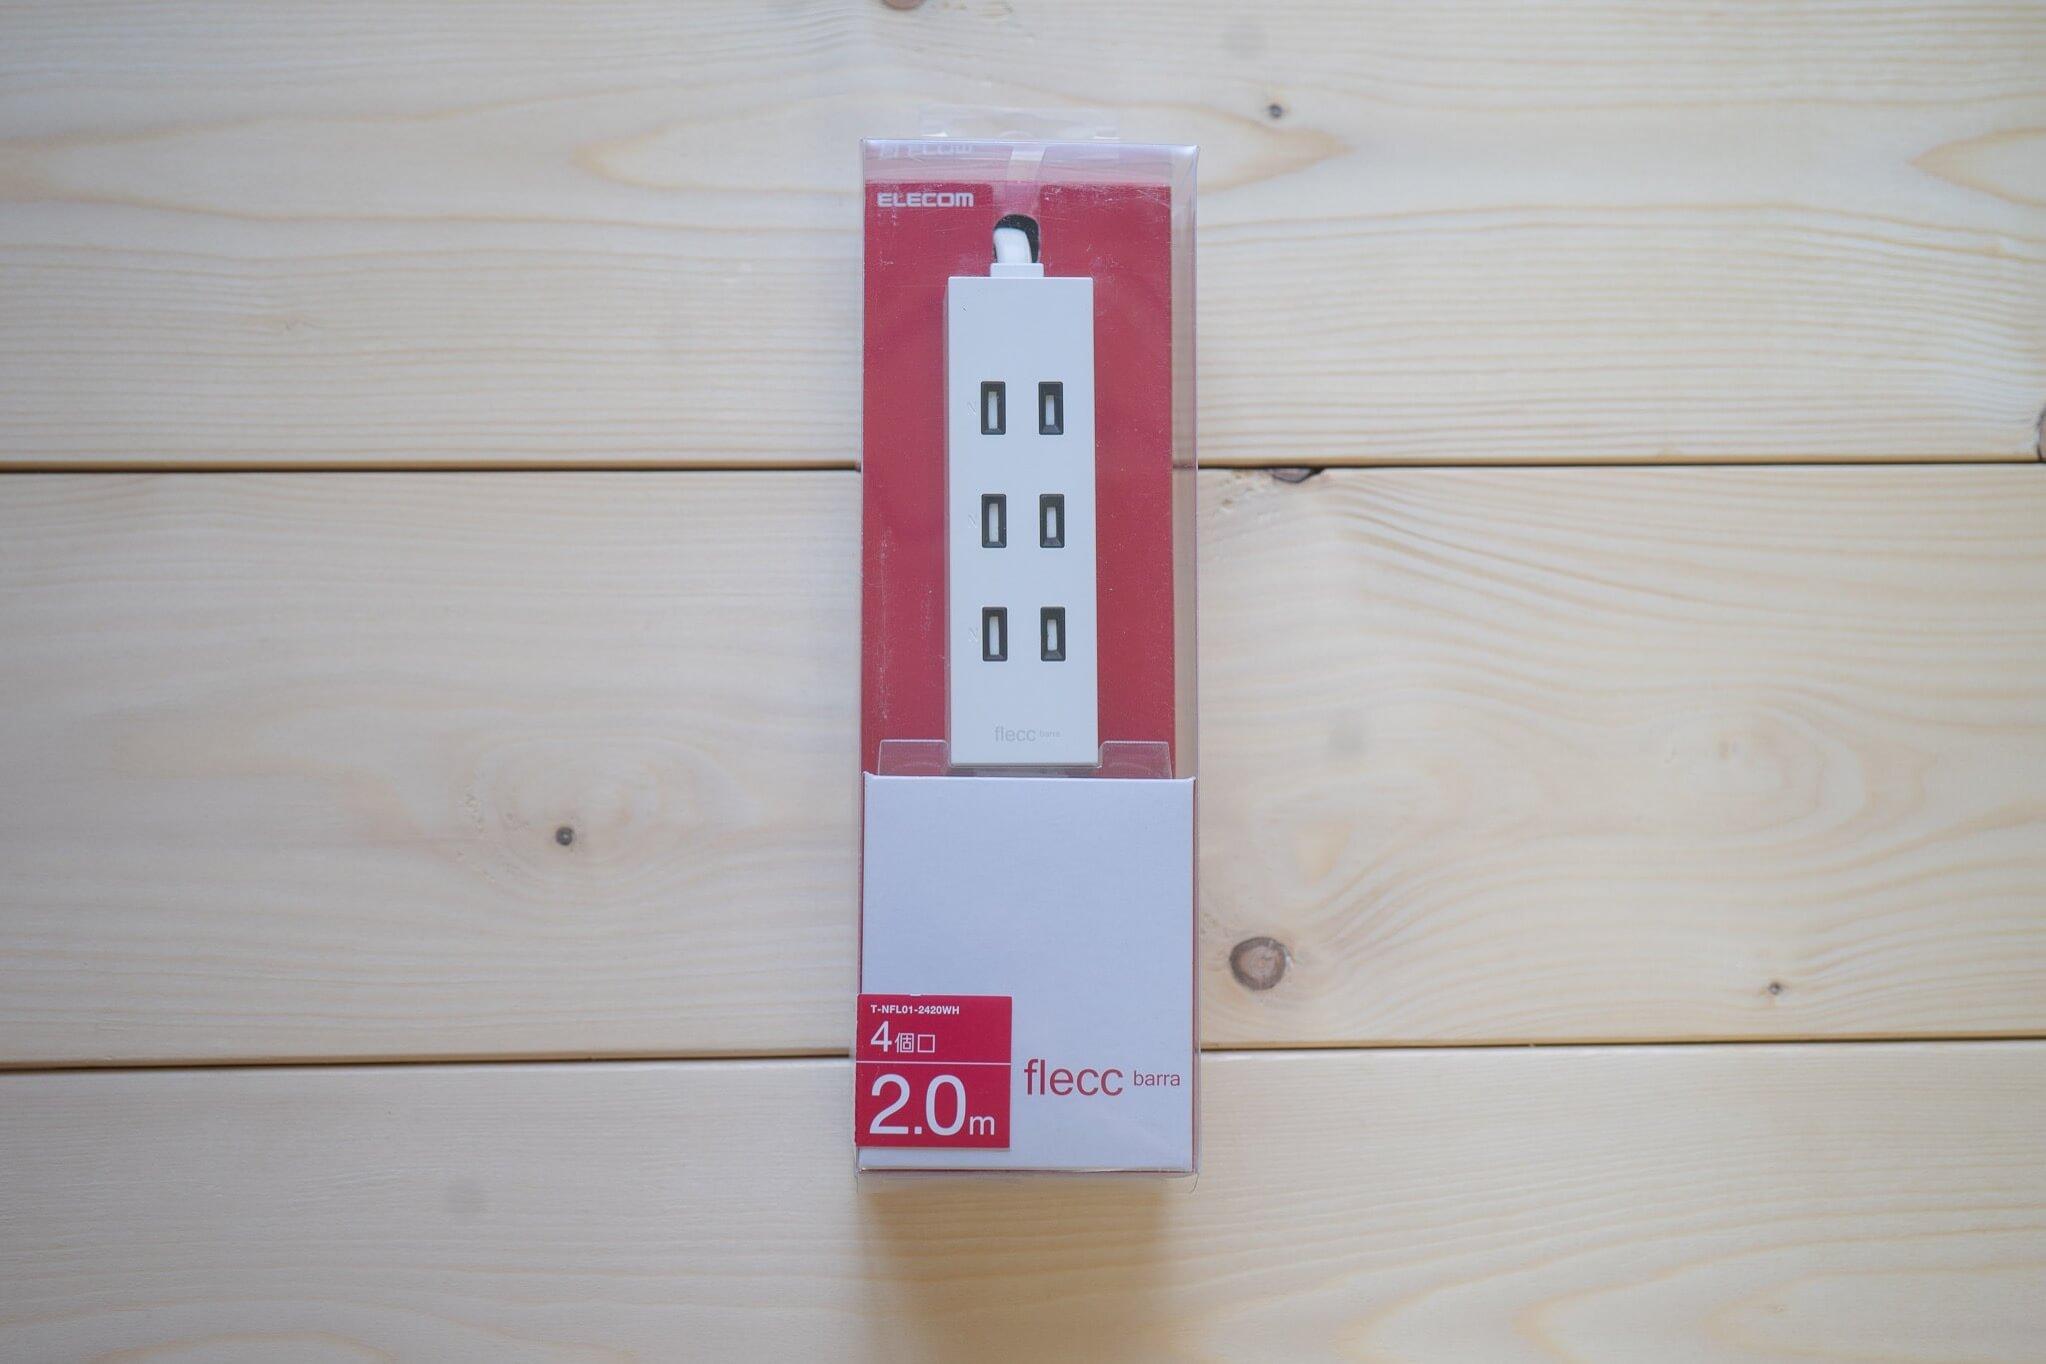 180719 flecc barra 09